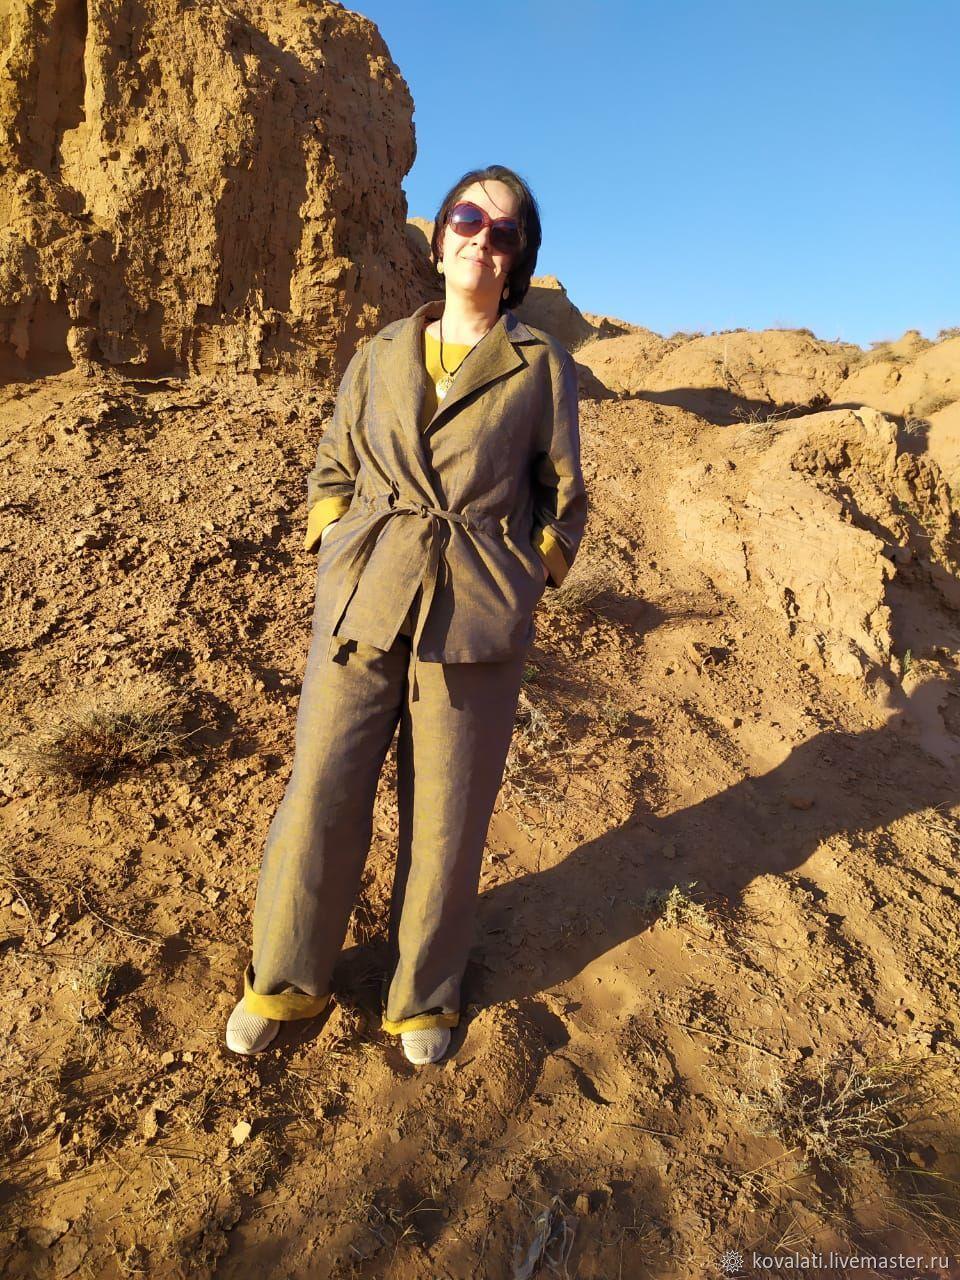 Костюм-пижама из льна с хлопком с эффектом тафты. Золото, Костюмы, Астрахань,  Фото №1